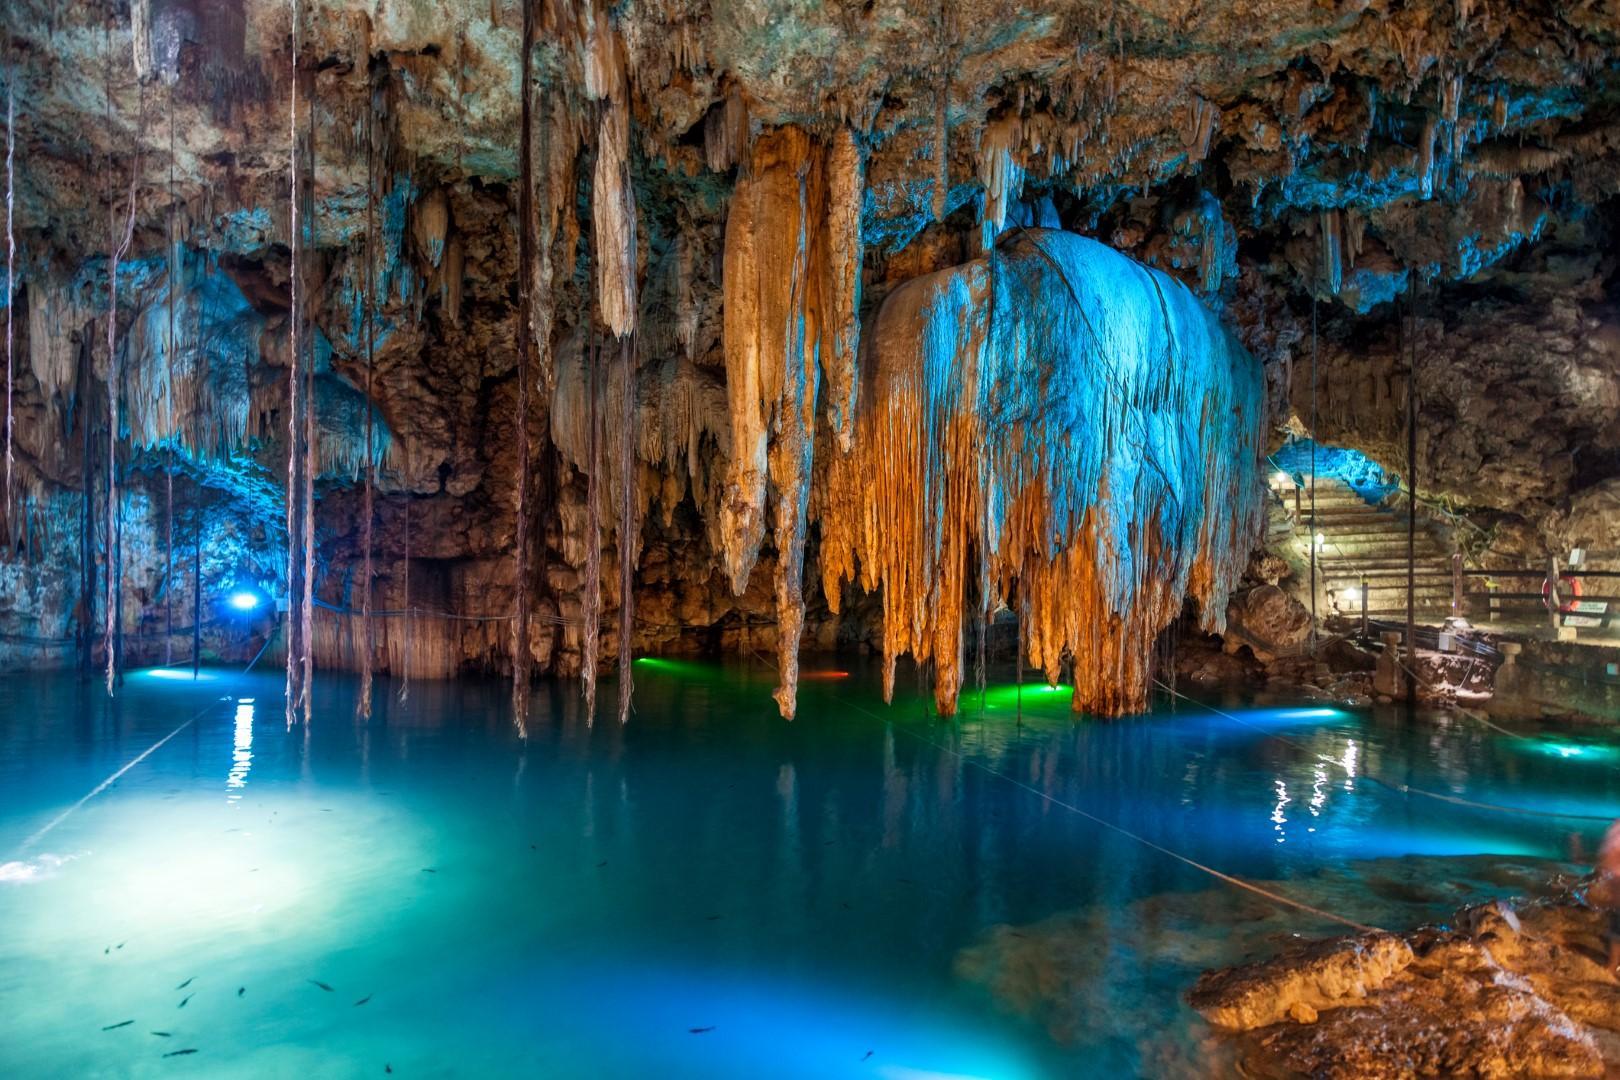 Dieci luoghi meravigliosi in cui sprofondare nel blu